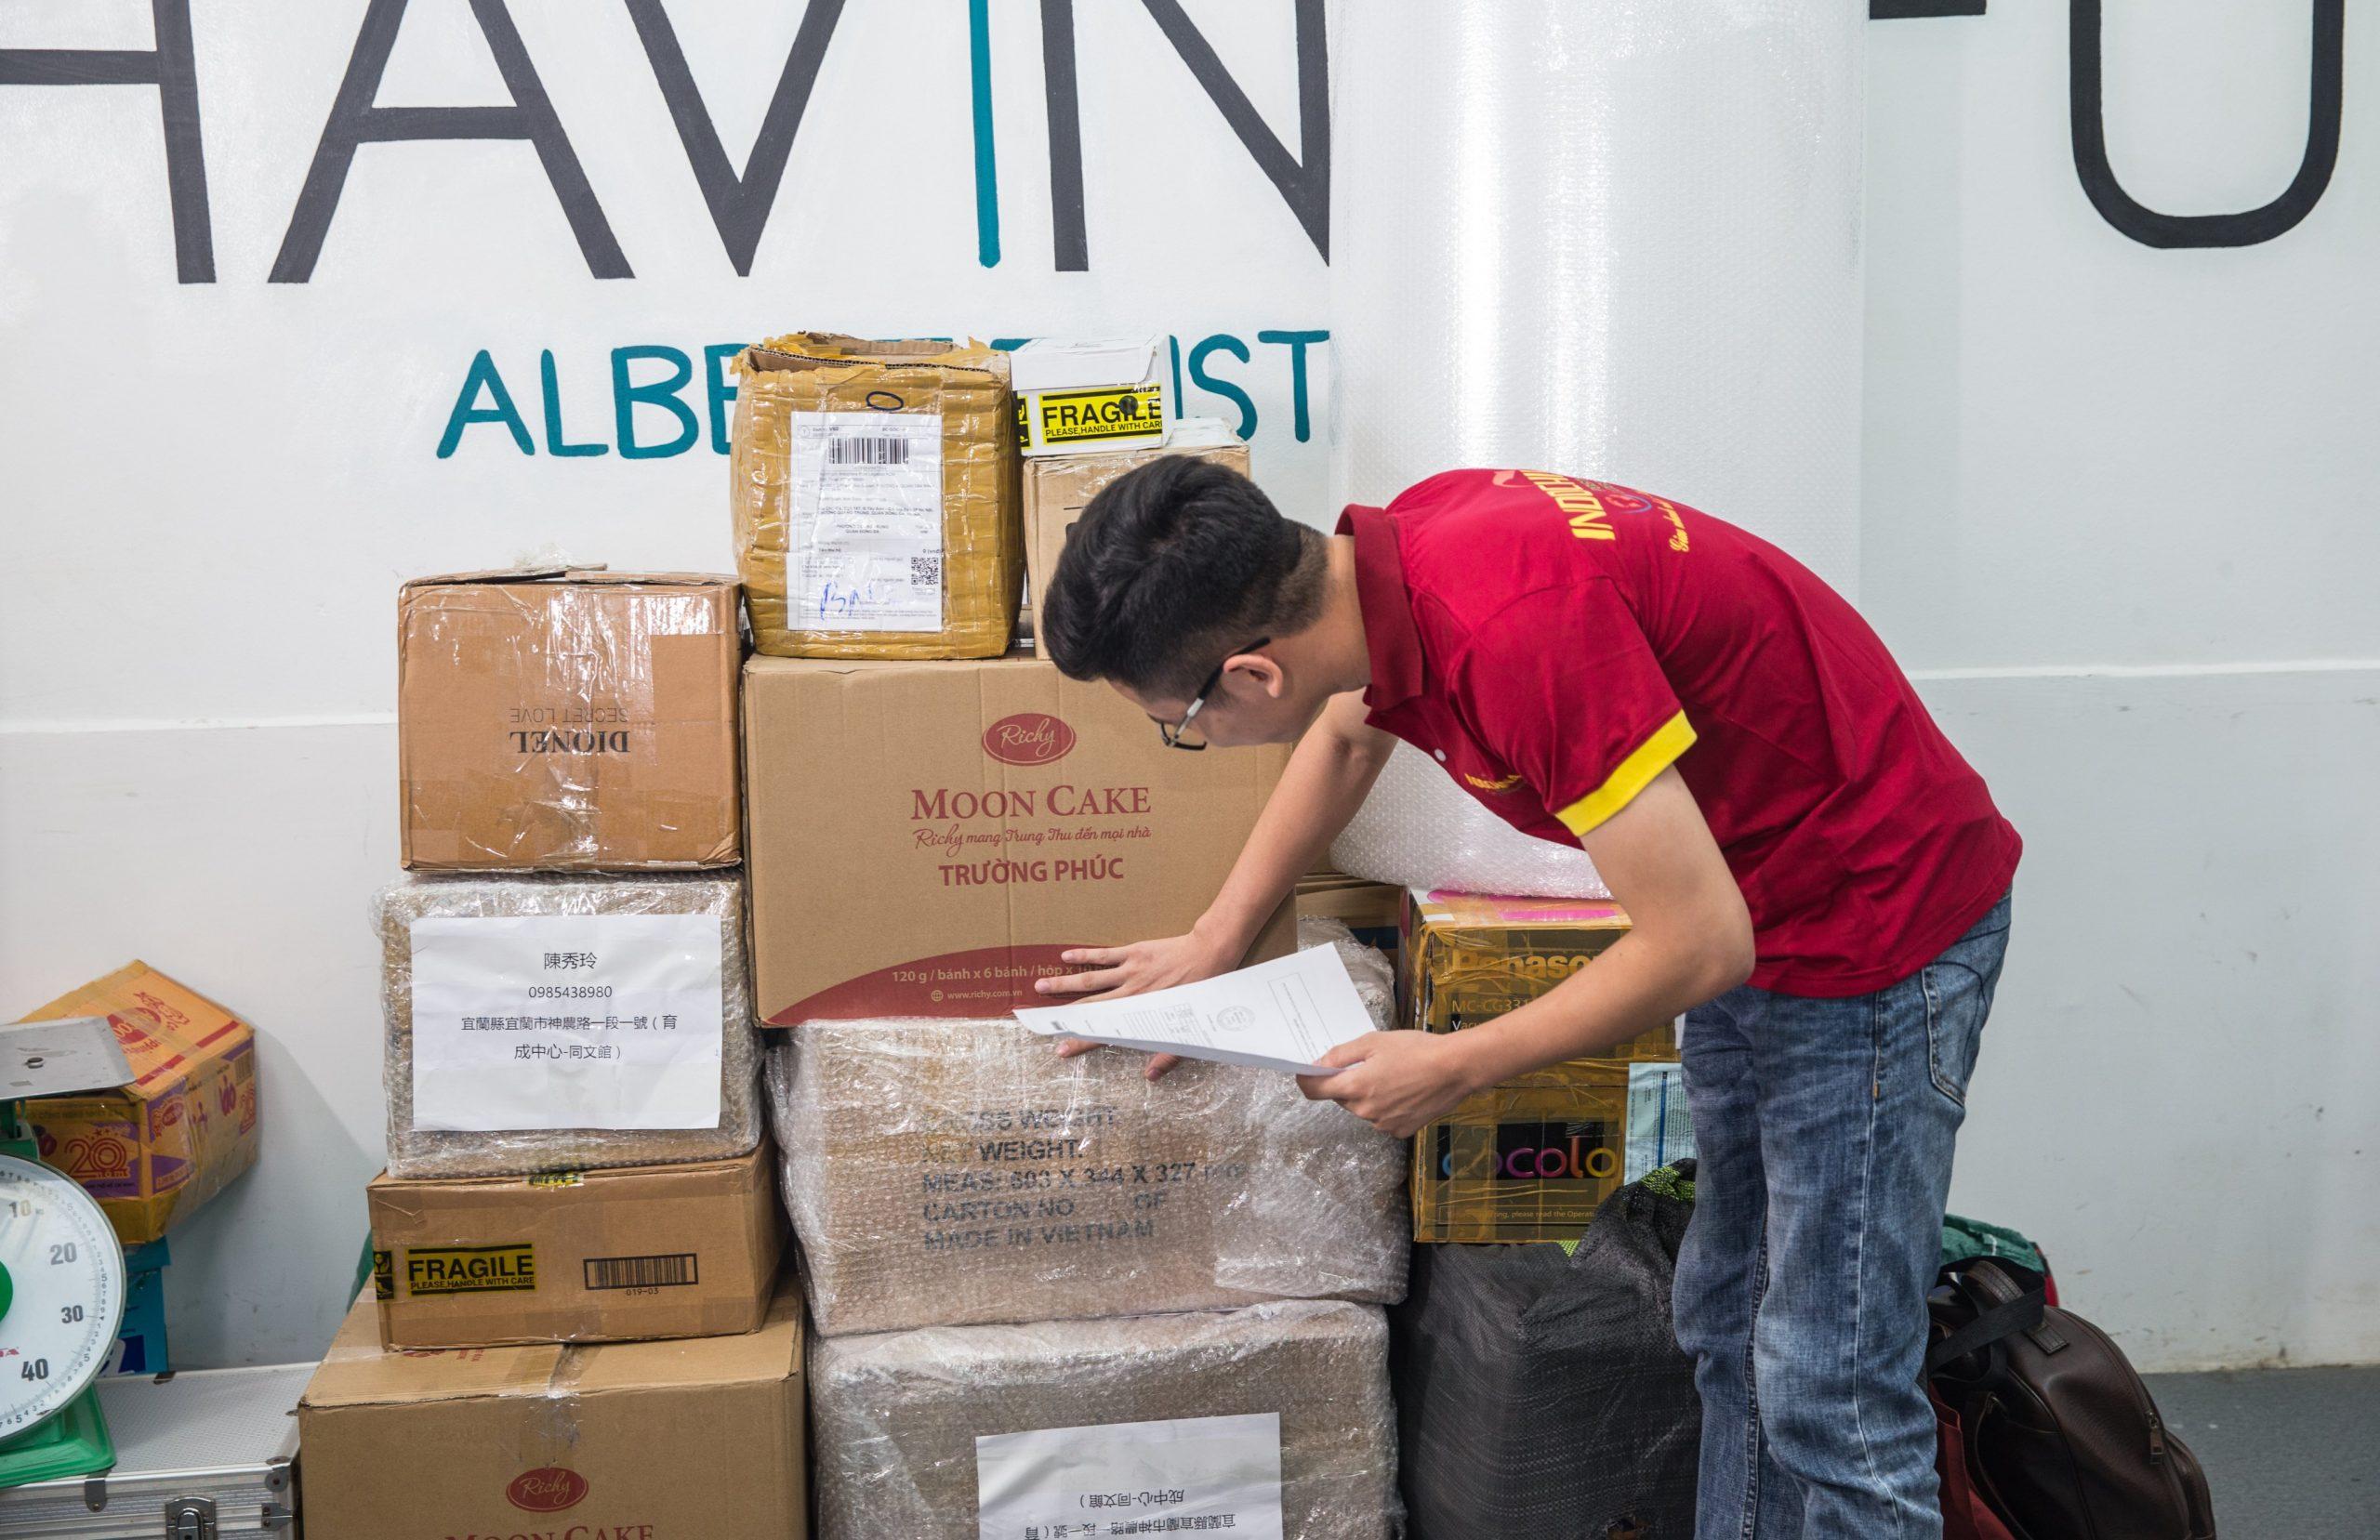 Kiểm tra hàng hóa tại Vietship